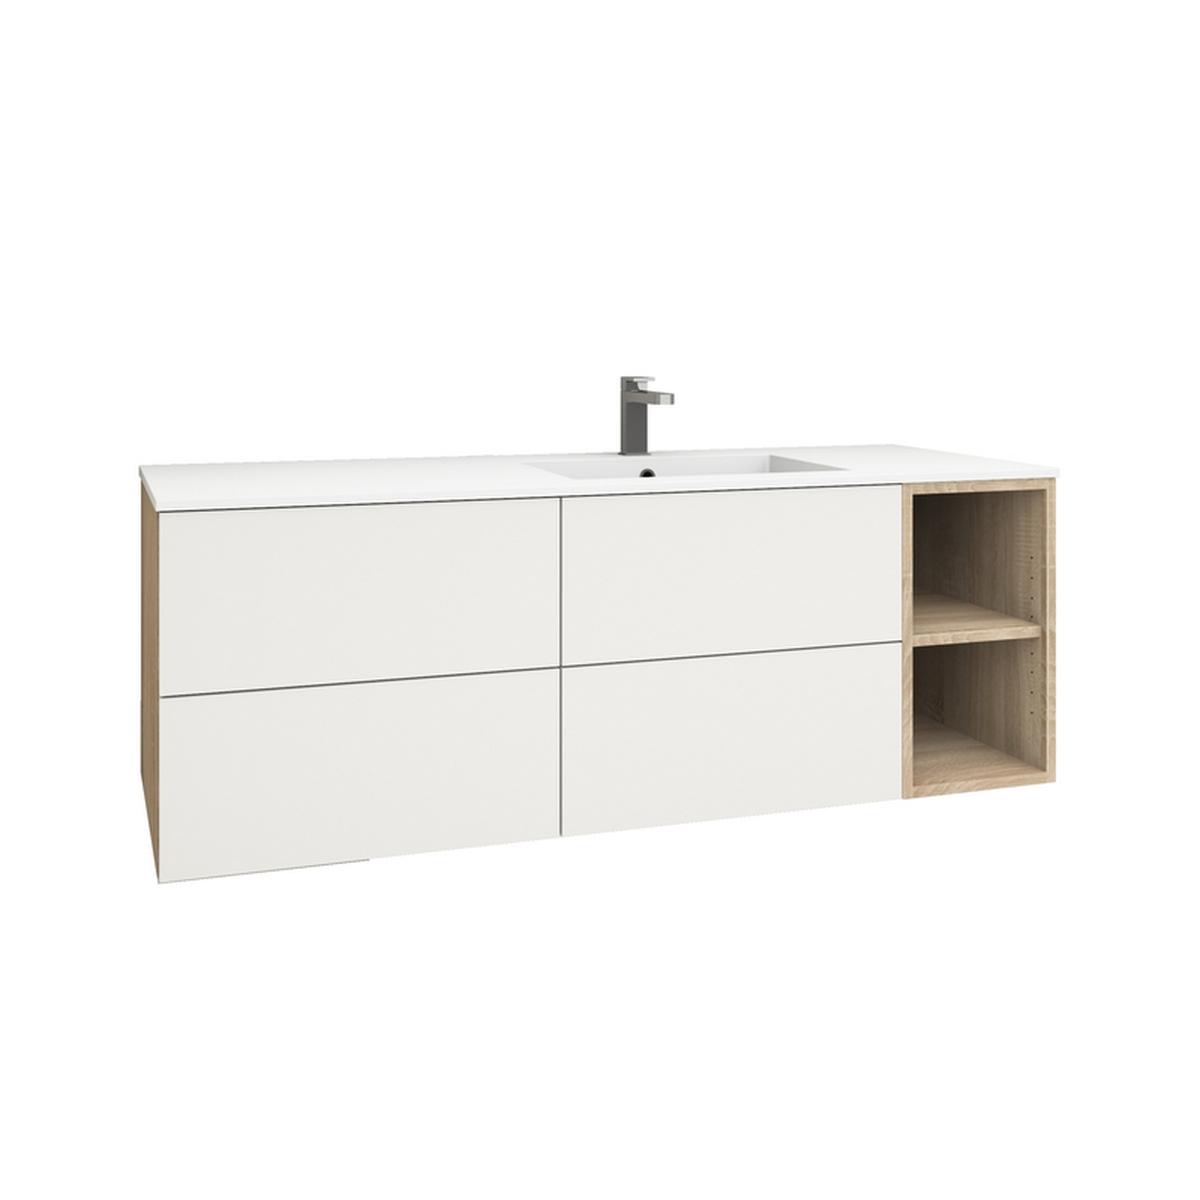 levanto 150r waschtisch 2 schubladen 2 ausz ge regal. Black Bedroom Furniture Sets. Home Design Ideas